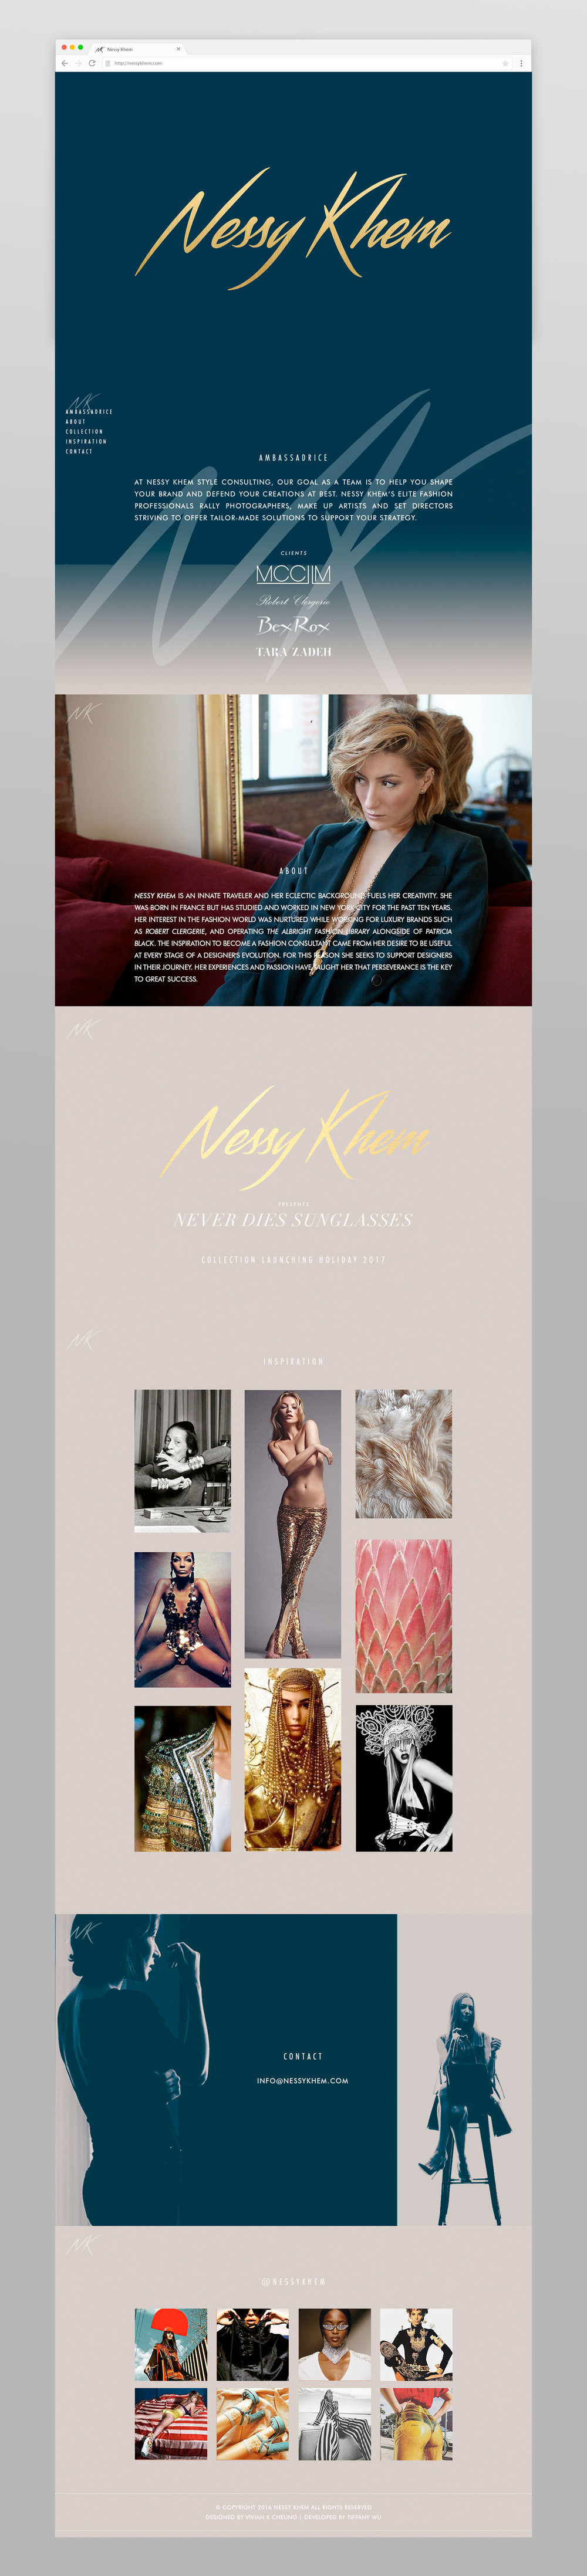 Nessy Khem Site